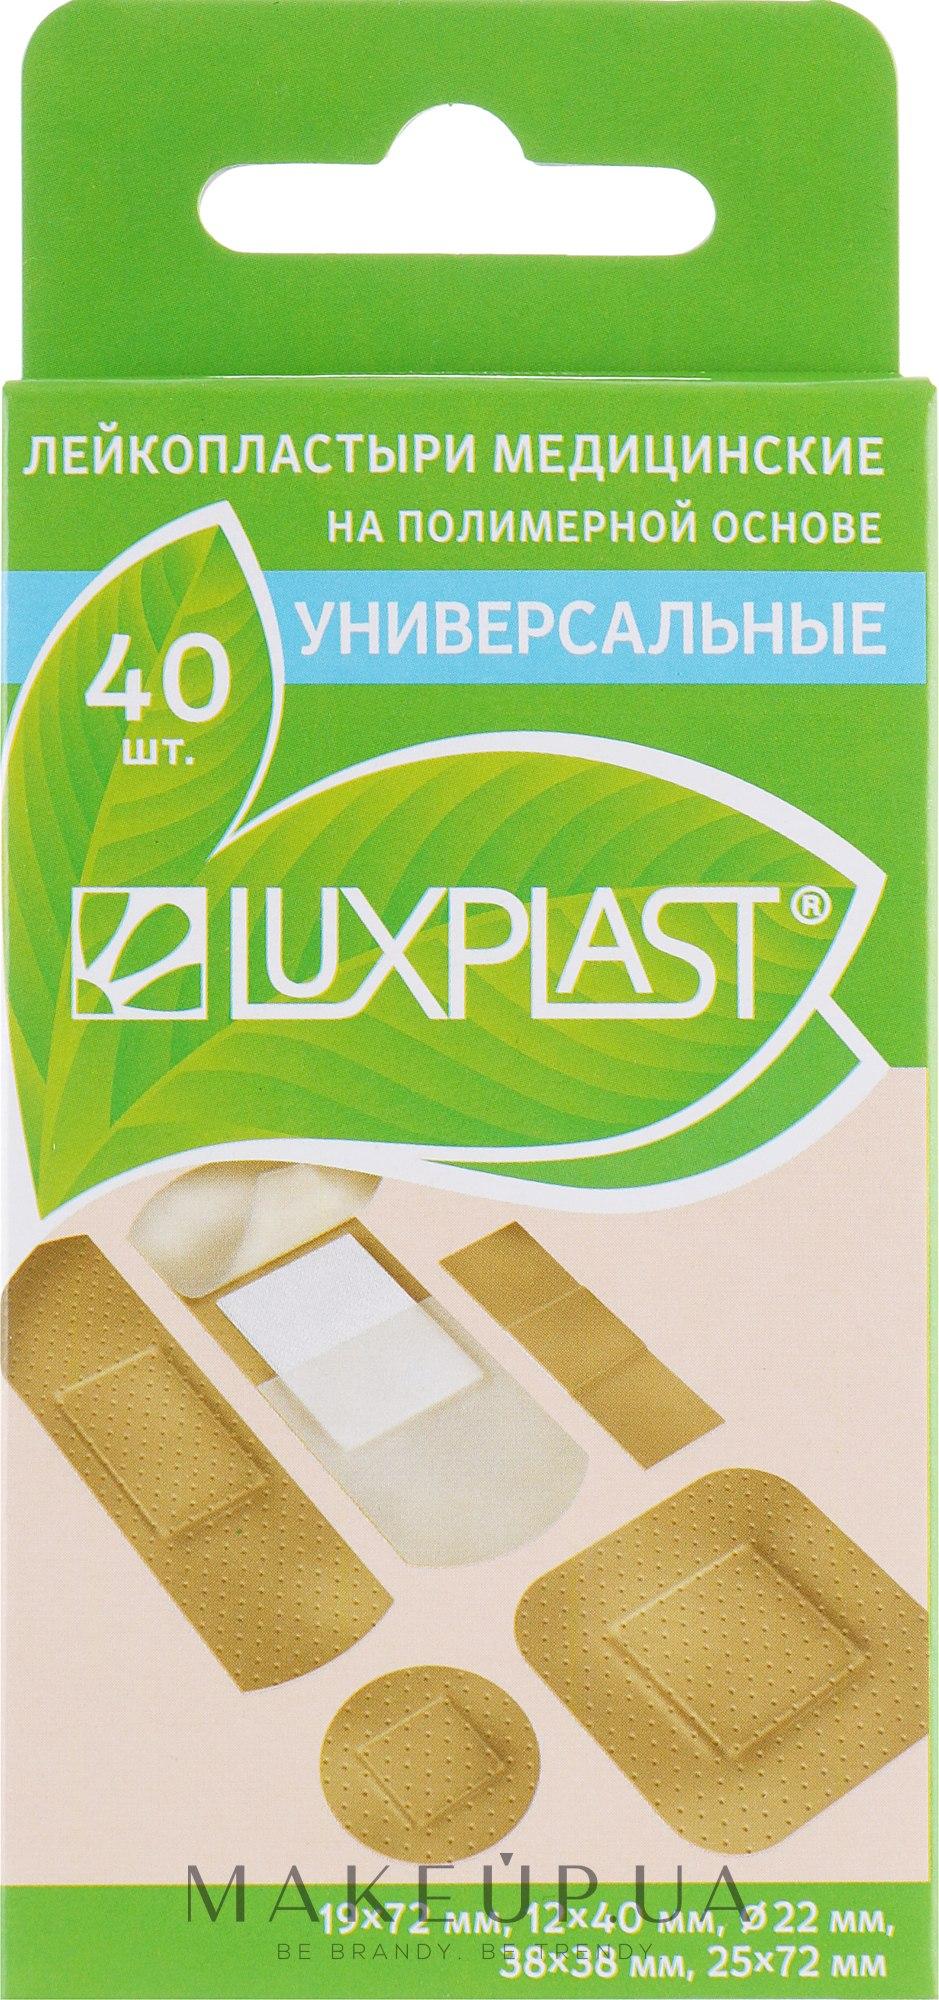 Медицинский пластырь универсальный на полимерной основе, 5 размеров - Luxplast — фото 40шт